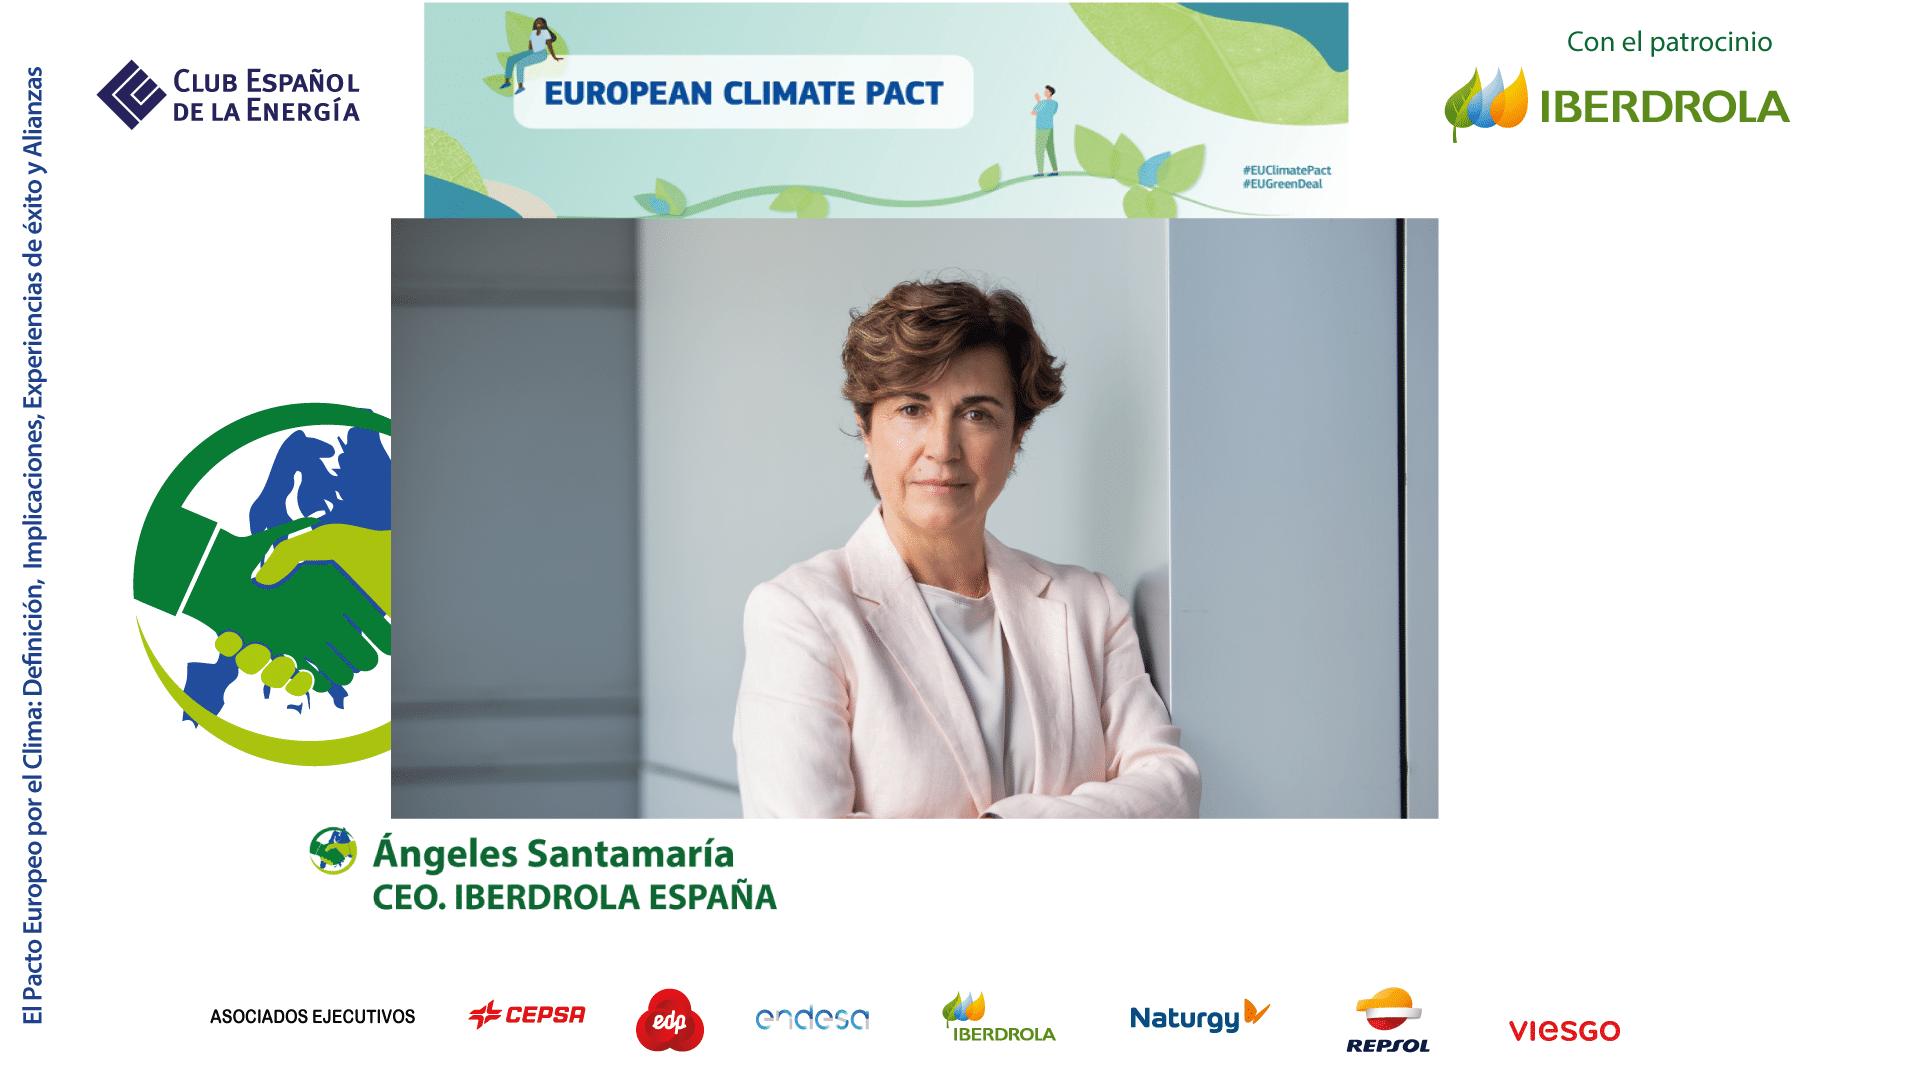 pacto europeo por el clima